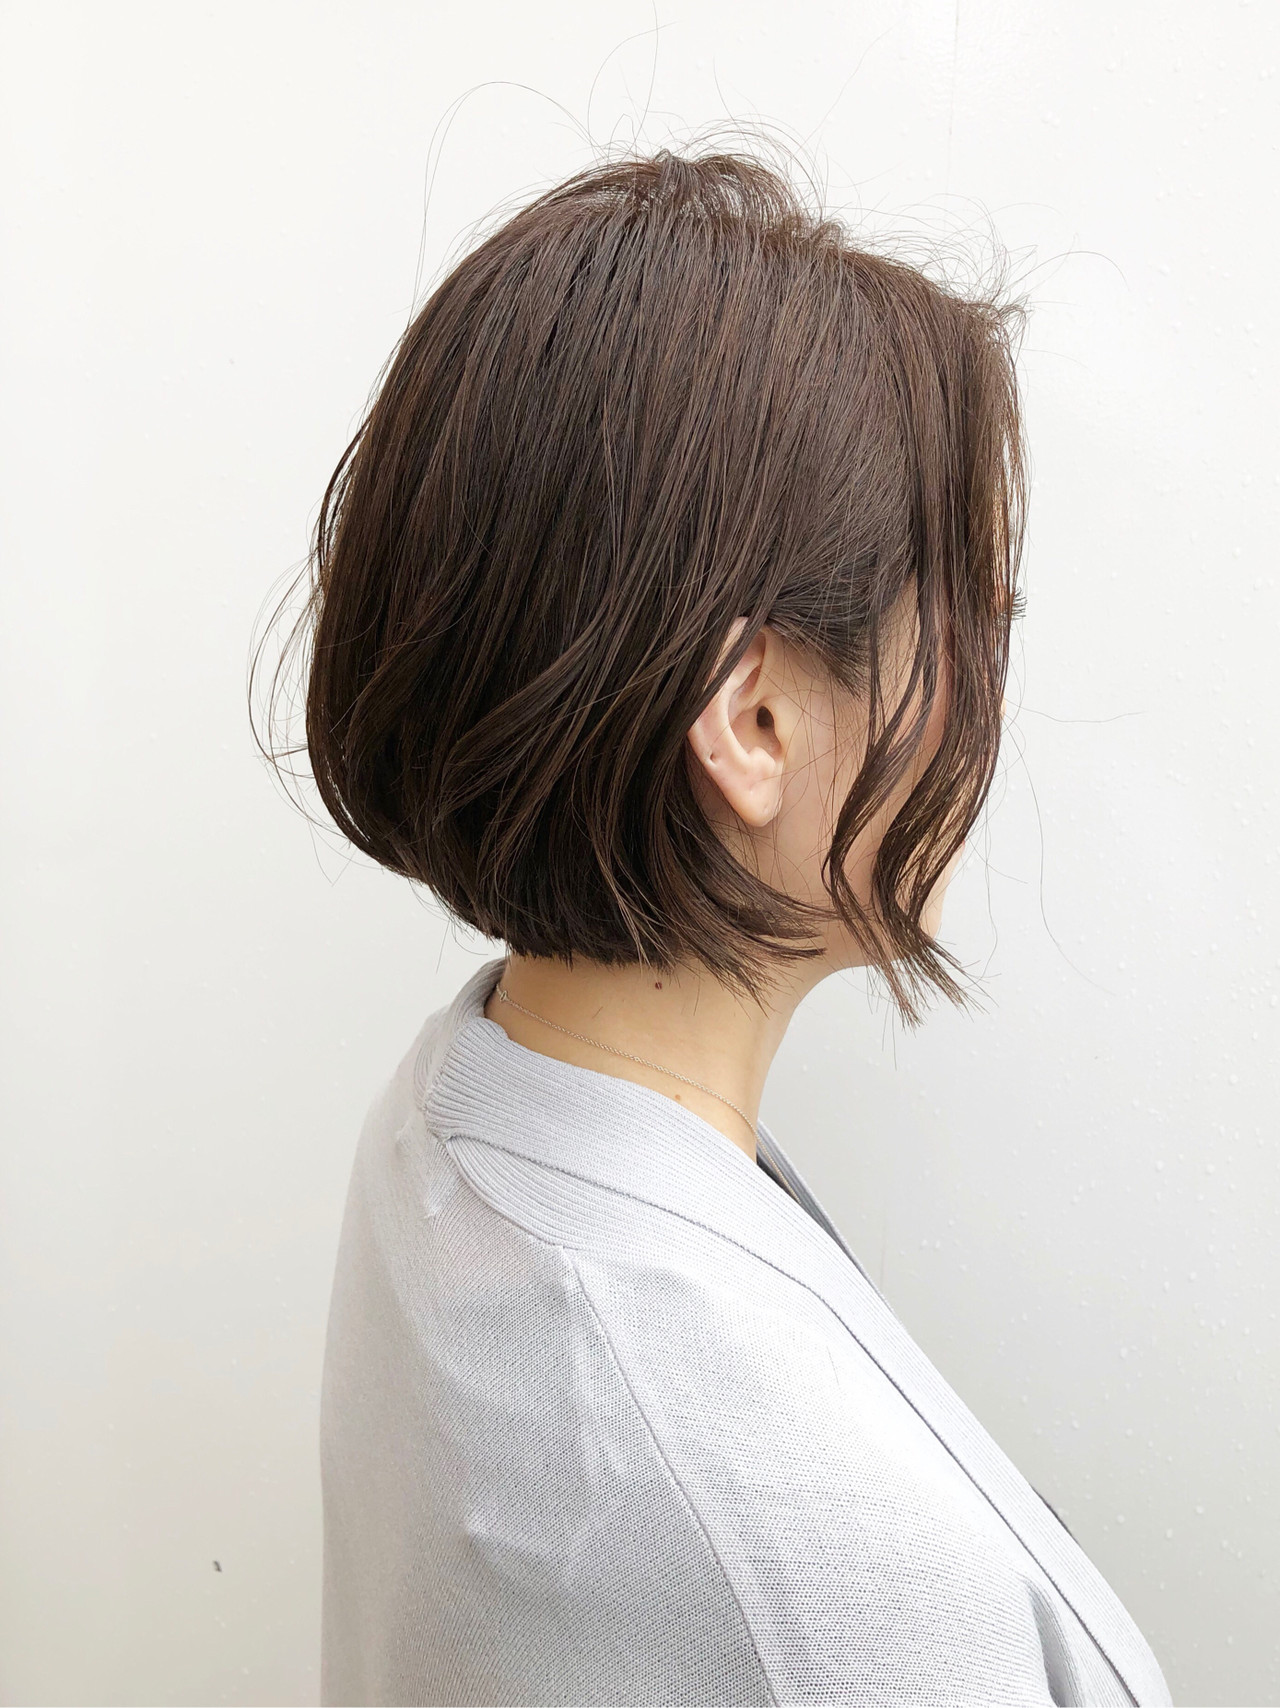 ボブ ベージュ デート パーマ ヘアスタイルや髪型の写真・画像 | 出塩 浩之 / MORIO FROM LONDON さいたま新都心